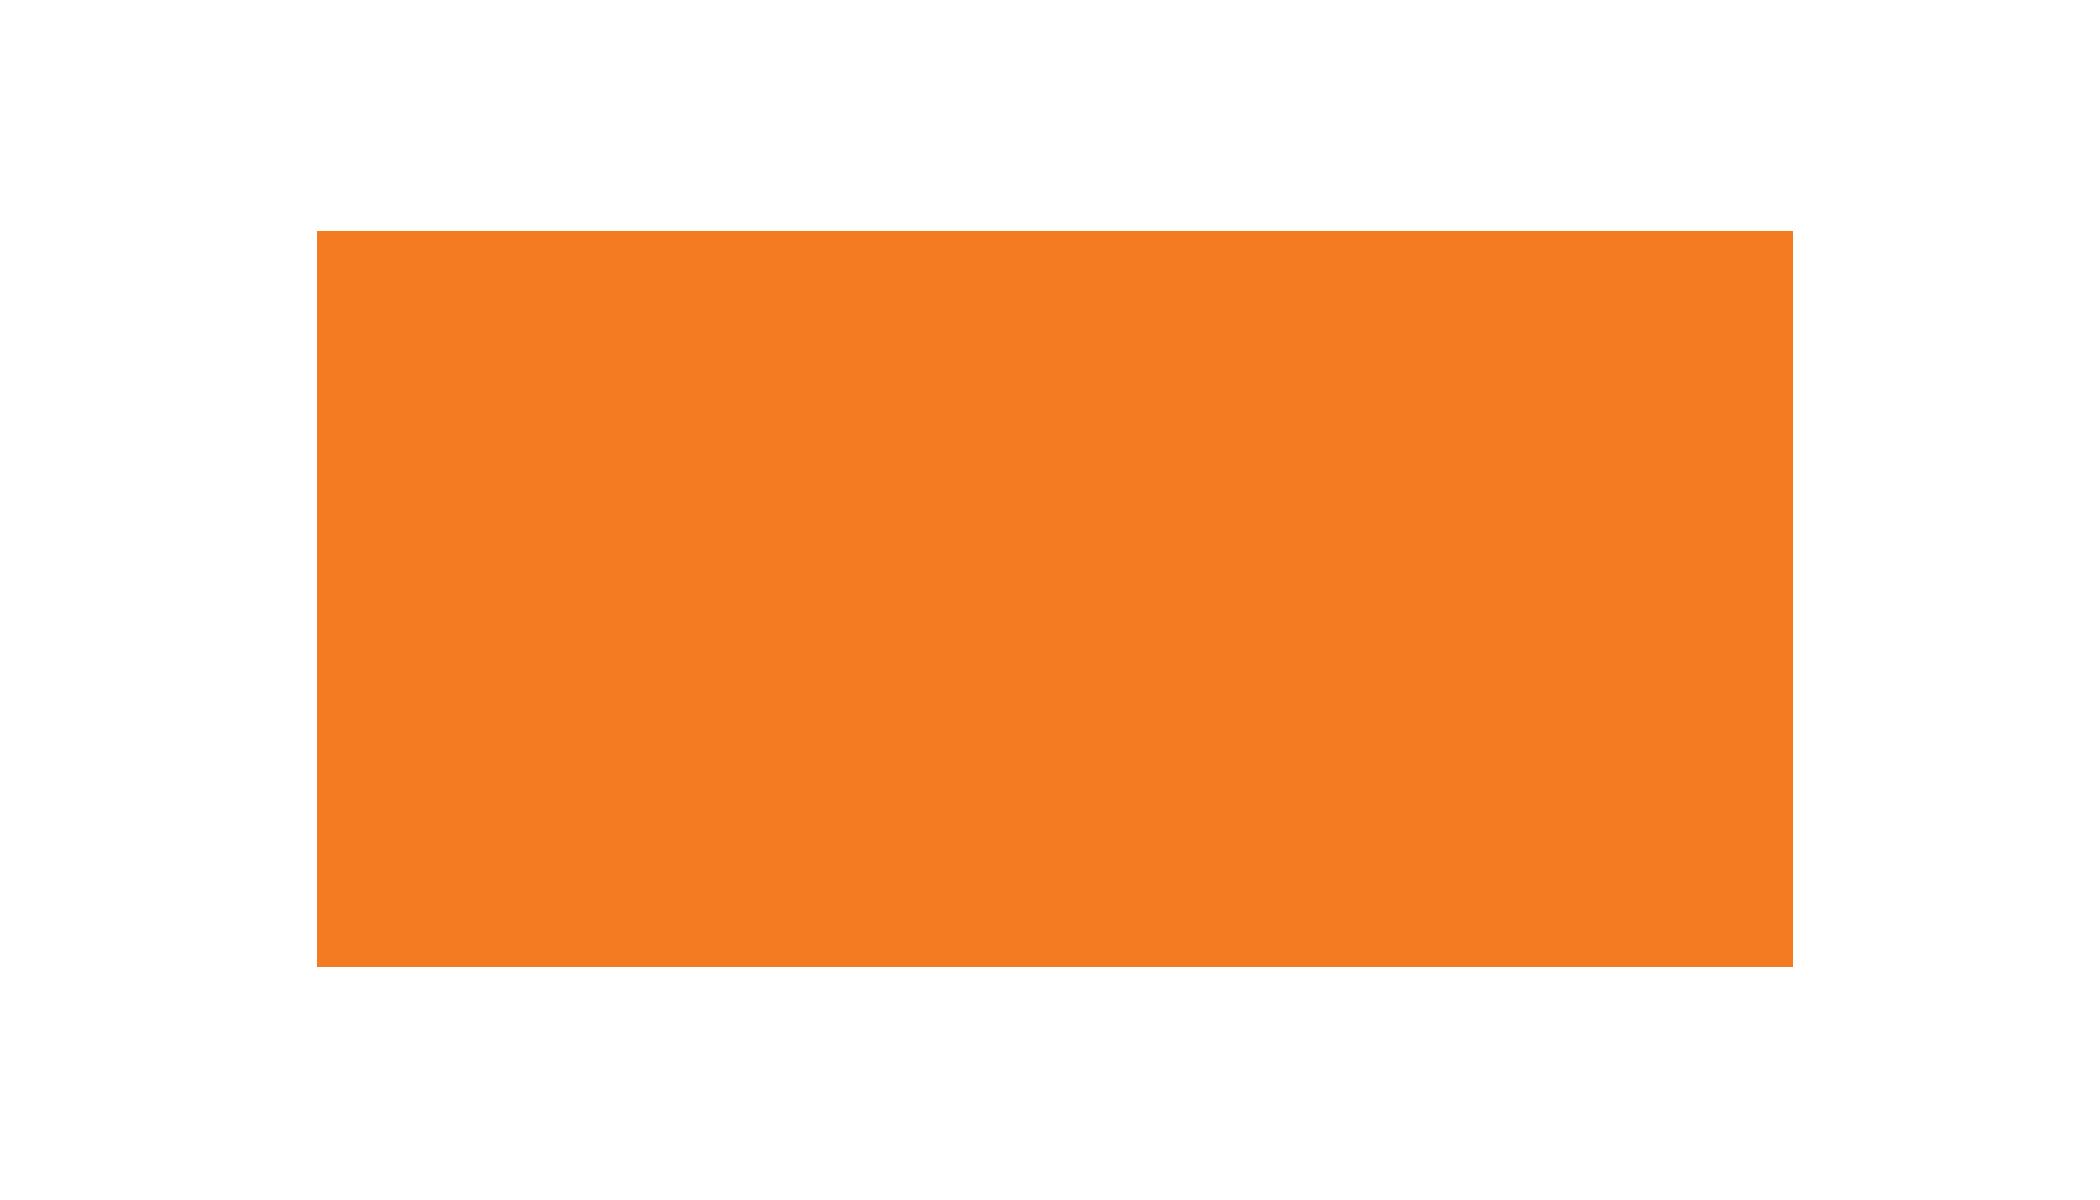 1millioncups.png